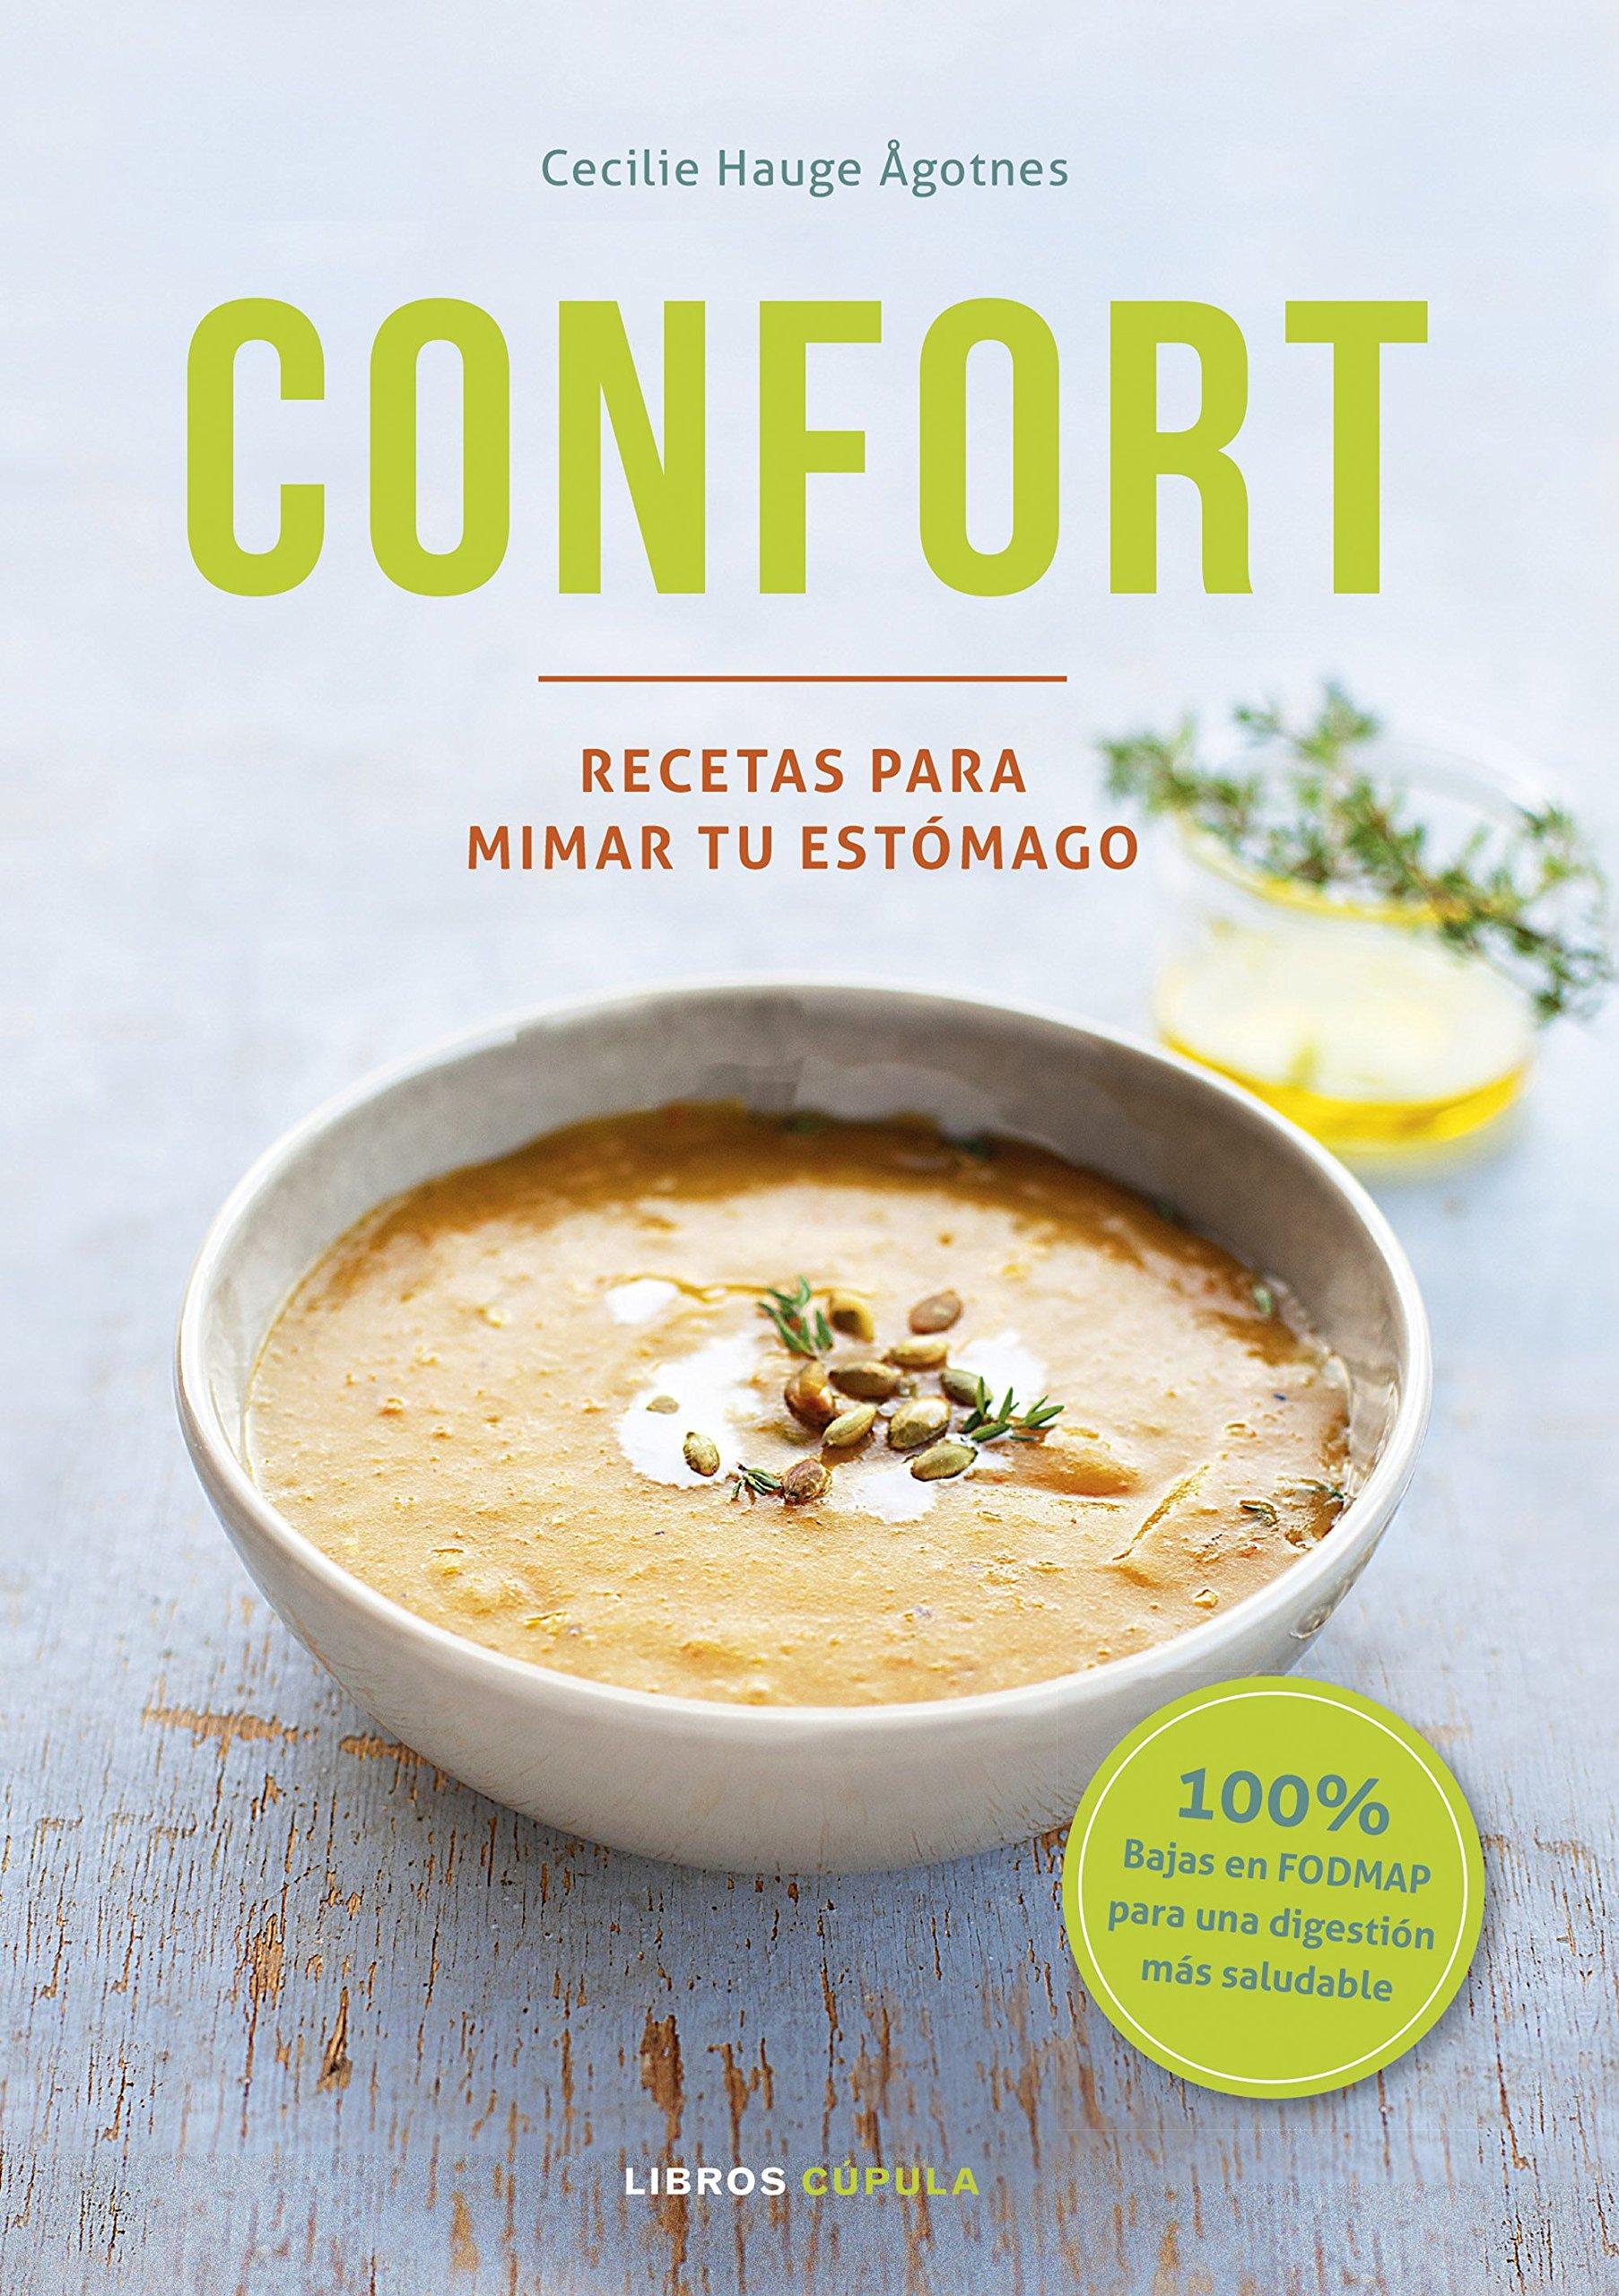 Confort: Recetas para mimar tu estómago (Cocina): Amazon.es: Cecilie Hauge Agotnes, Daruma: Libros